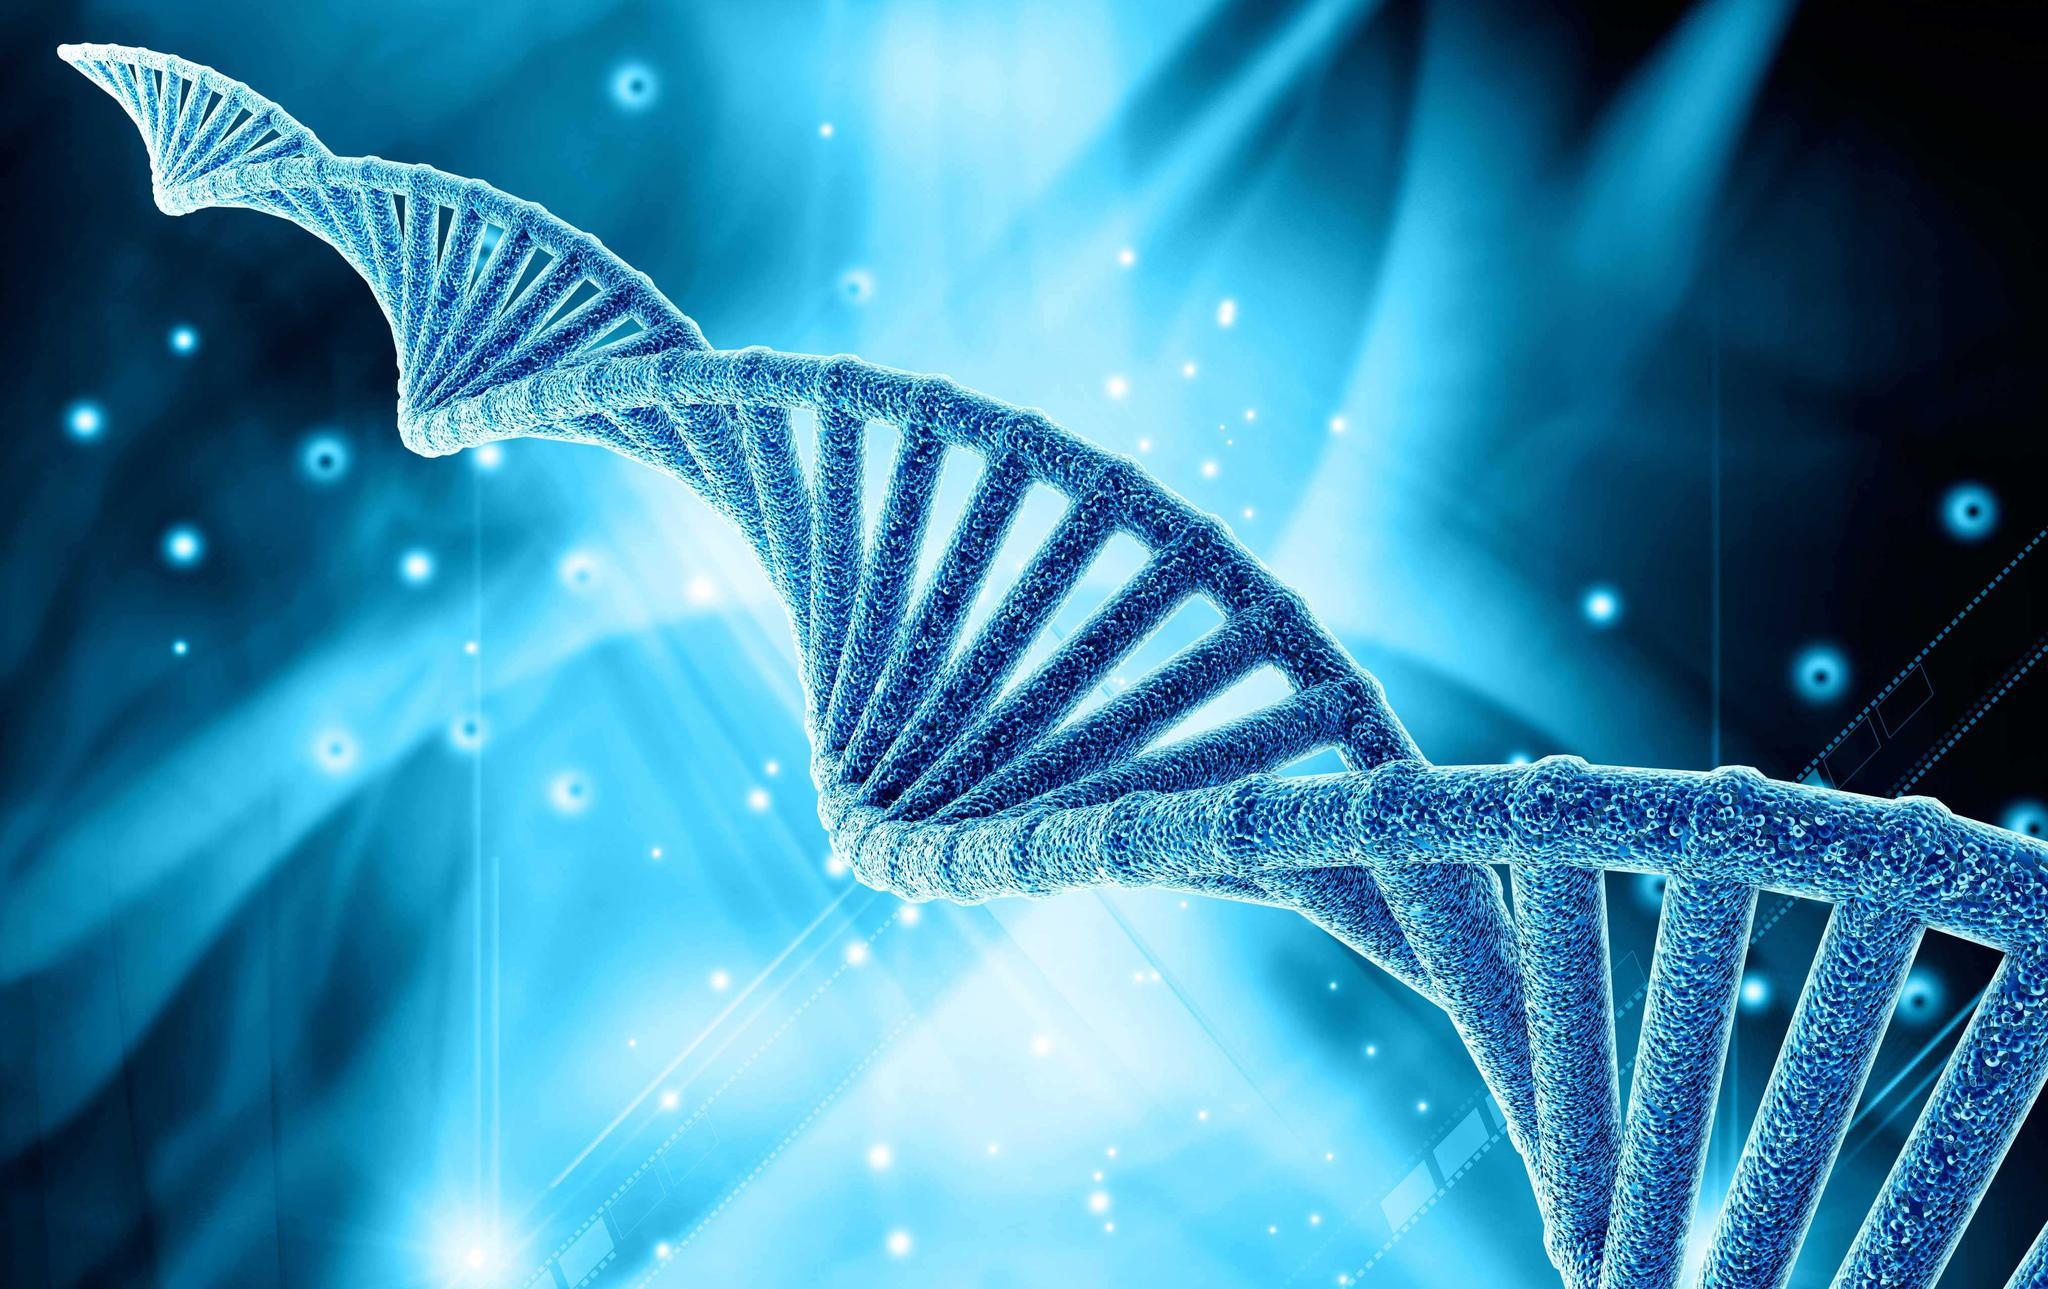 基因疗法公司获君联资本领投数千万美元 储备多个研发管线、建成标准化生产车间